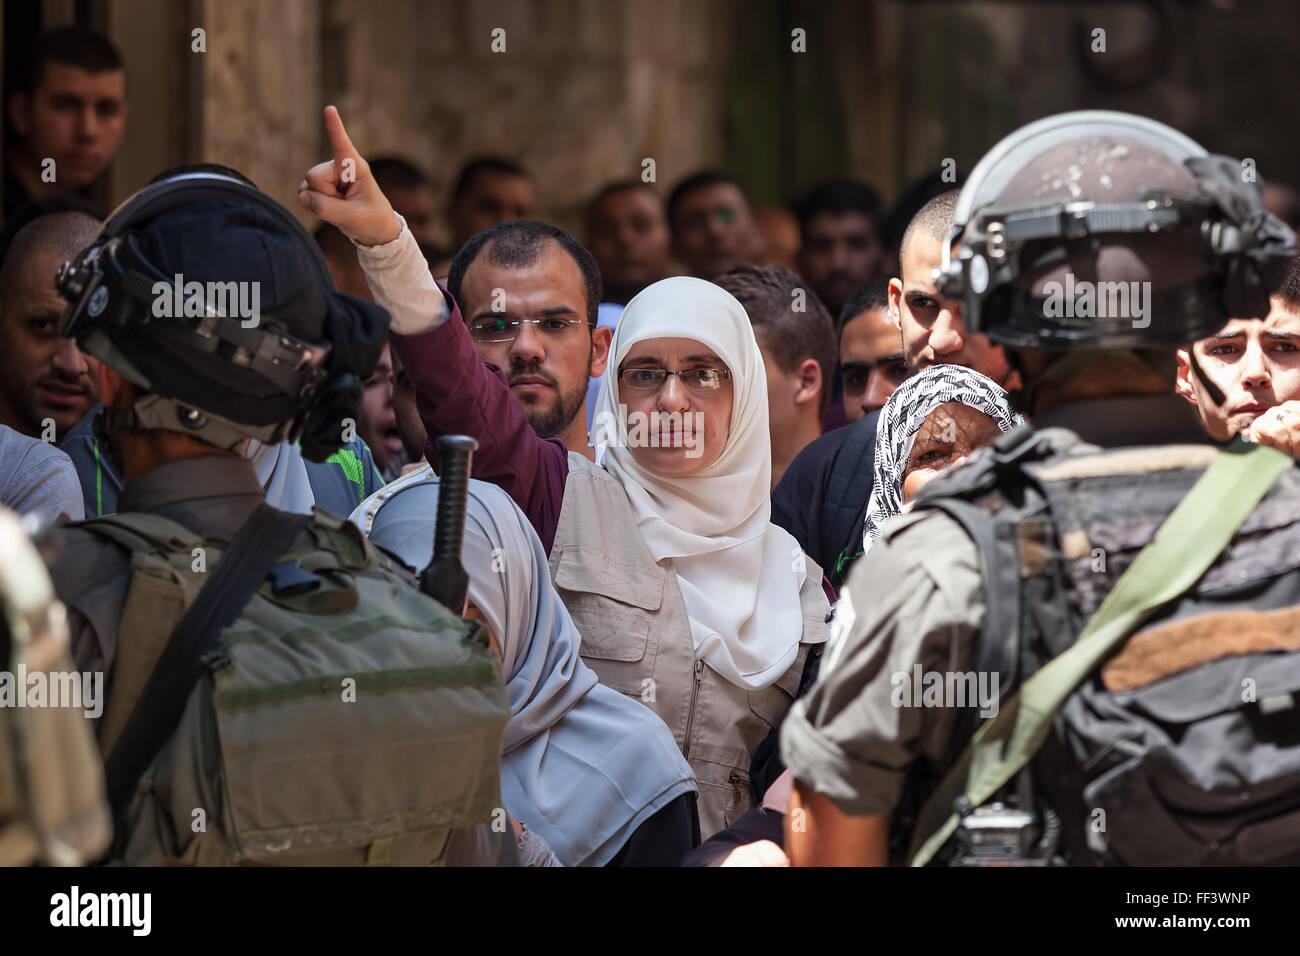 La protesta palestina en la Ciudad Vieja de Jerusalén, Israel. Imagen De Stock